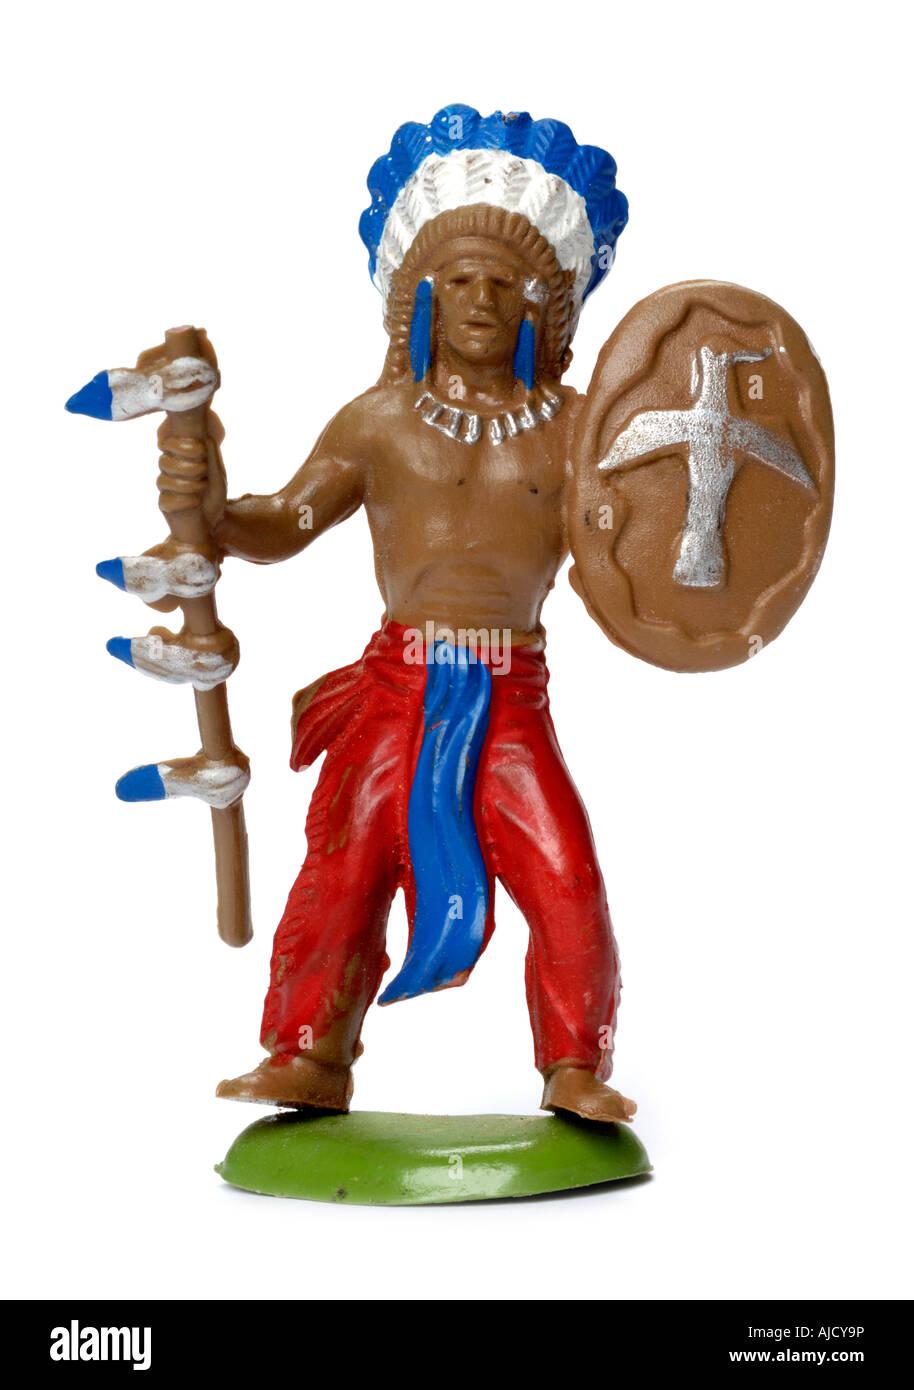 Jouet en matière plastique rétro American Indian figure Photo Stock